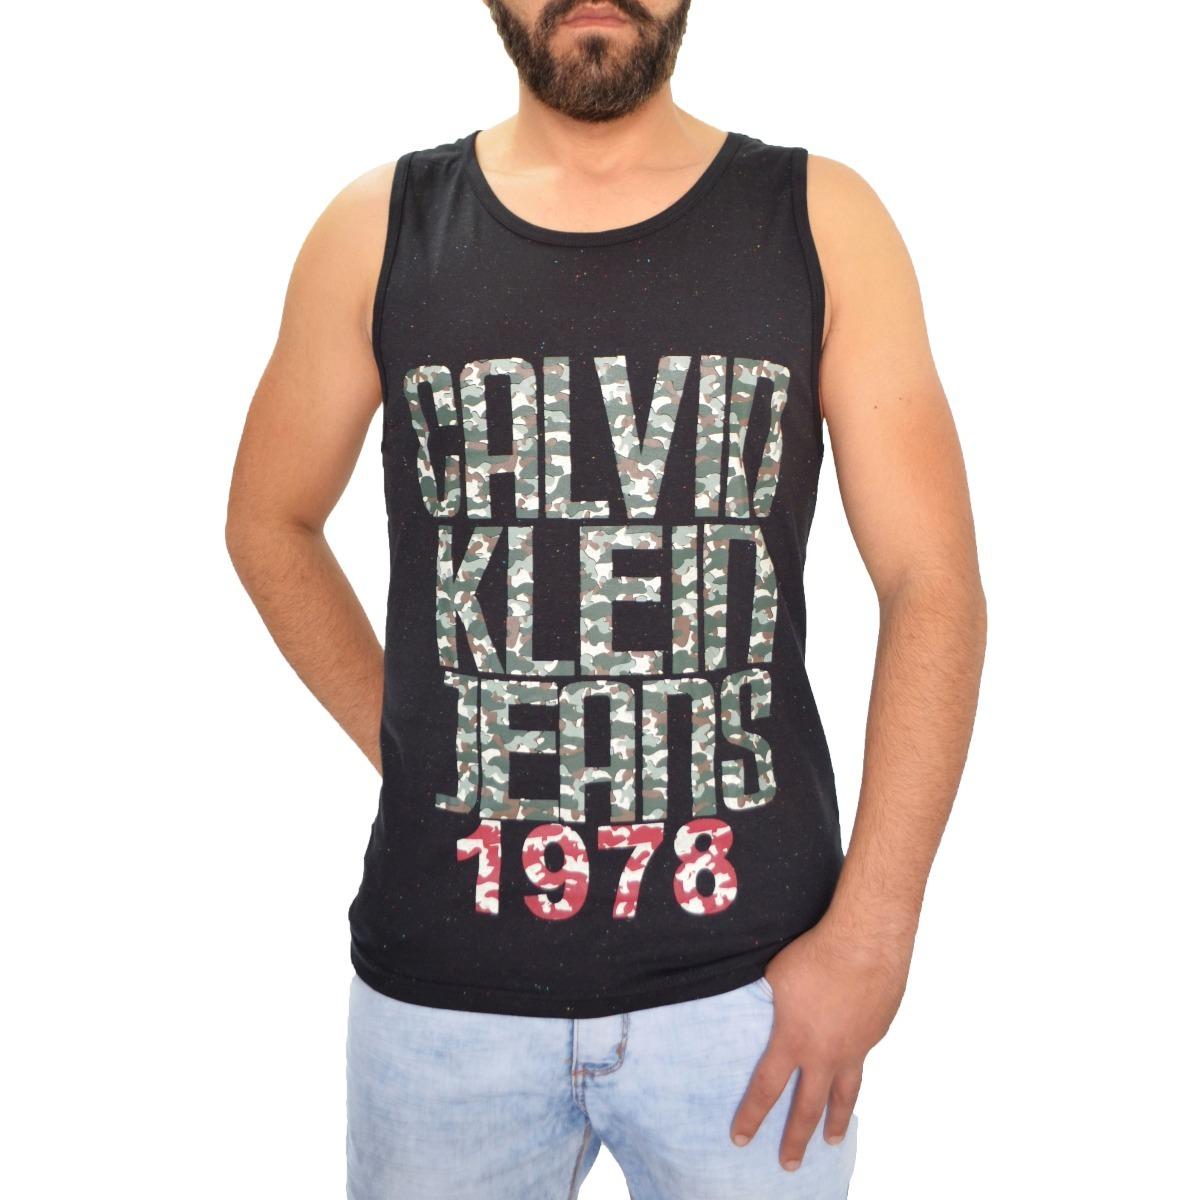 camisa camiseta regata calvin klein estampa camuflada preta. Carregando zoom . 4448c75d8f5